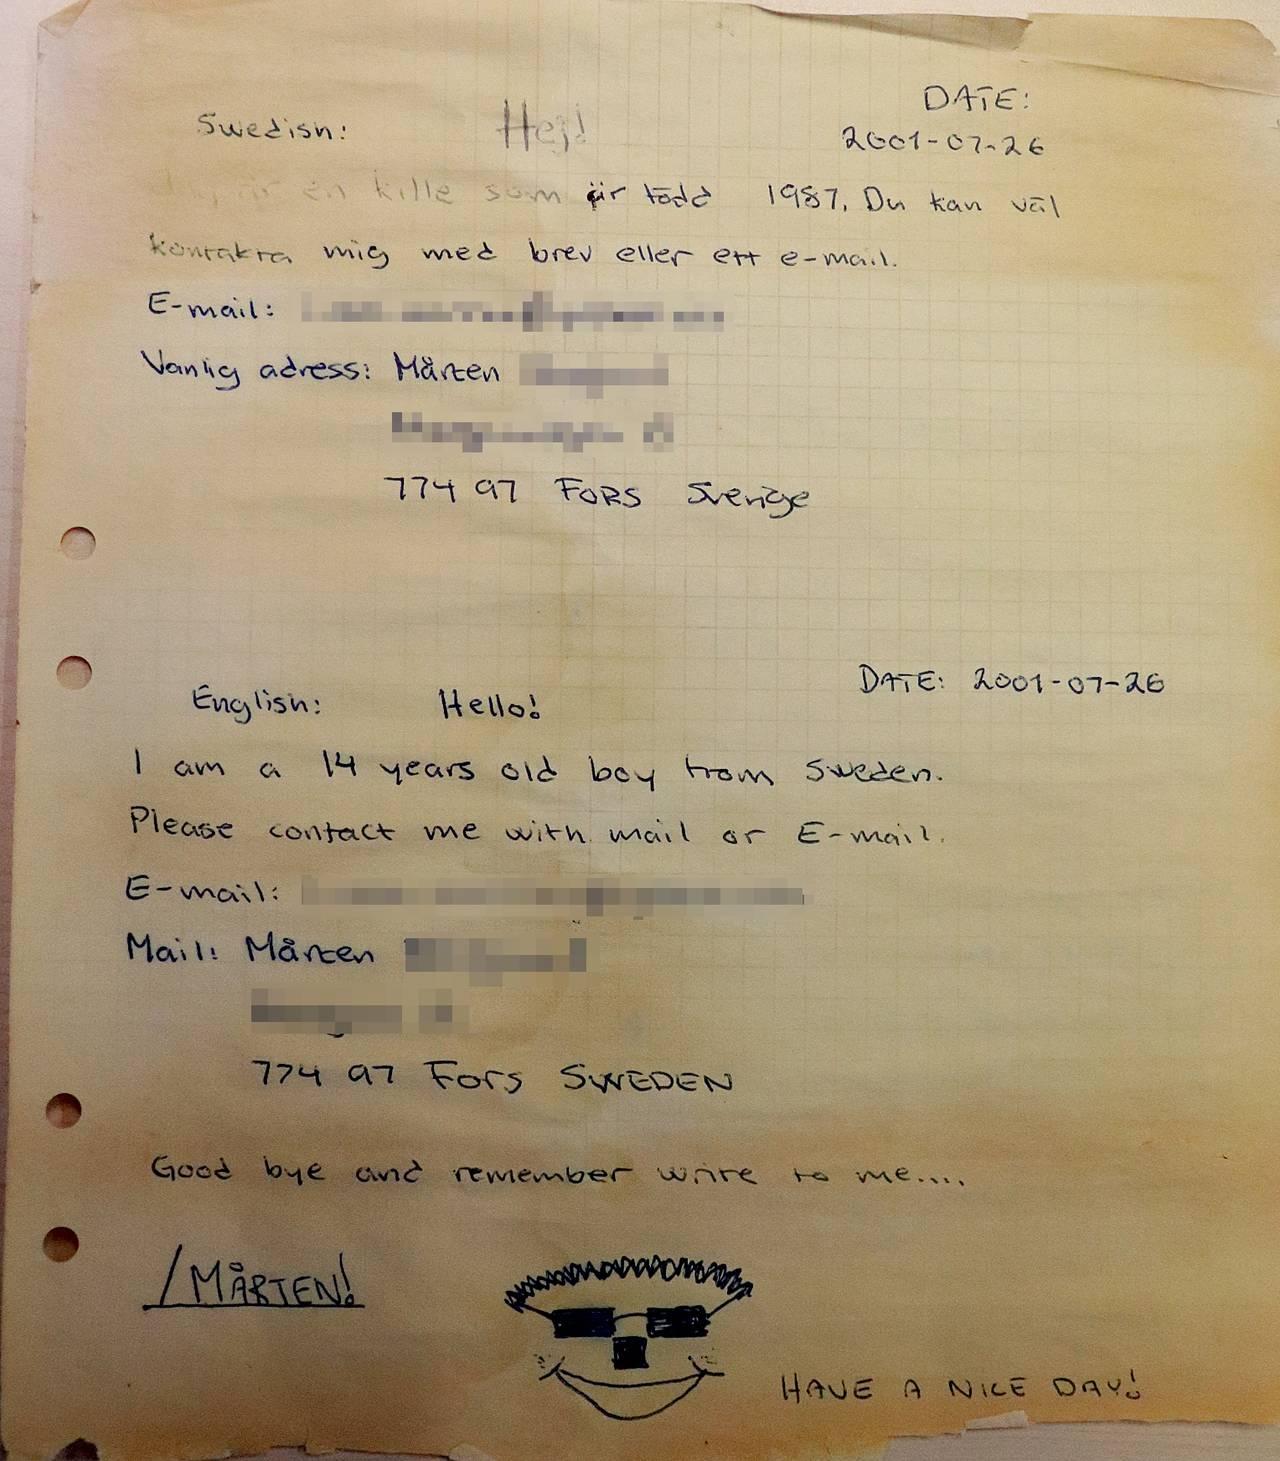 Flaskepost fra svenske Mårten, sendt i juli 2001. Han skriver blant annet